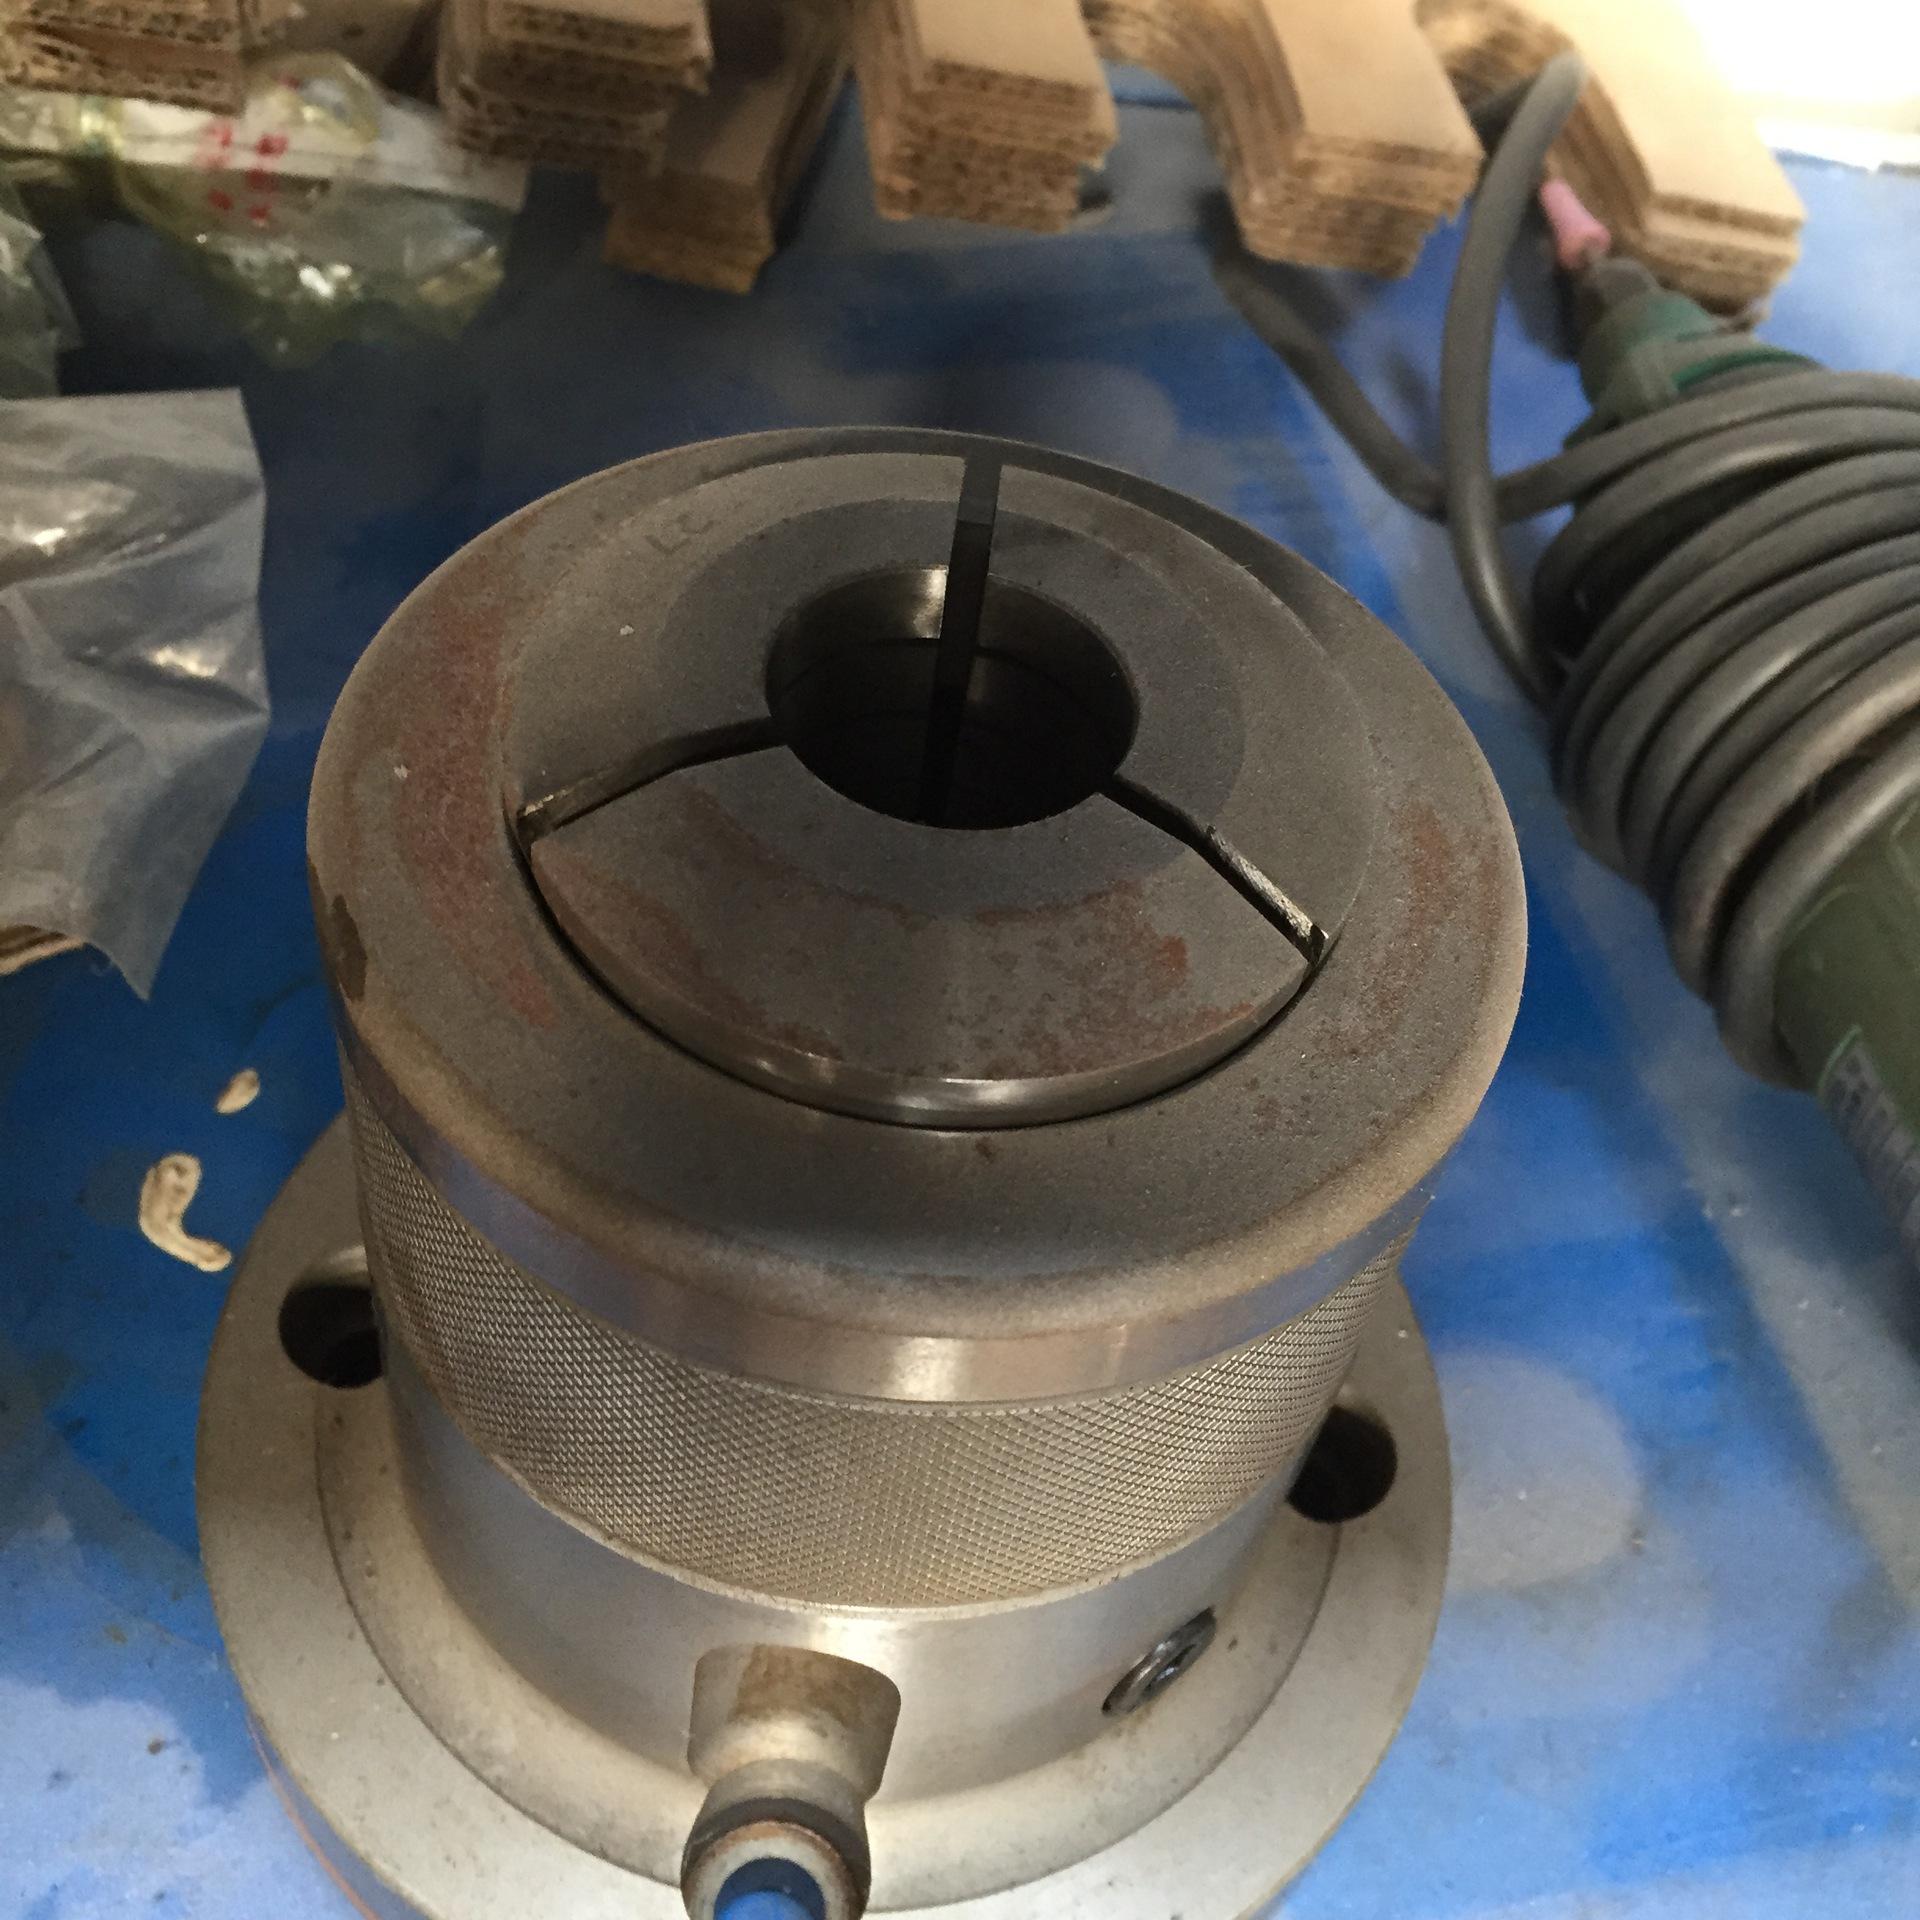 供应液压卡盘改造为液压筒夹头 更快捷方便地加工产品图片